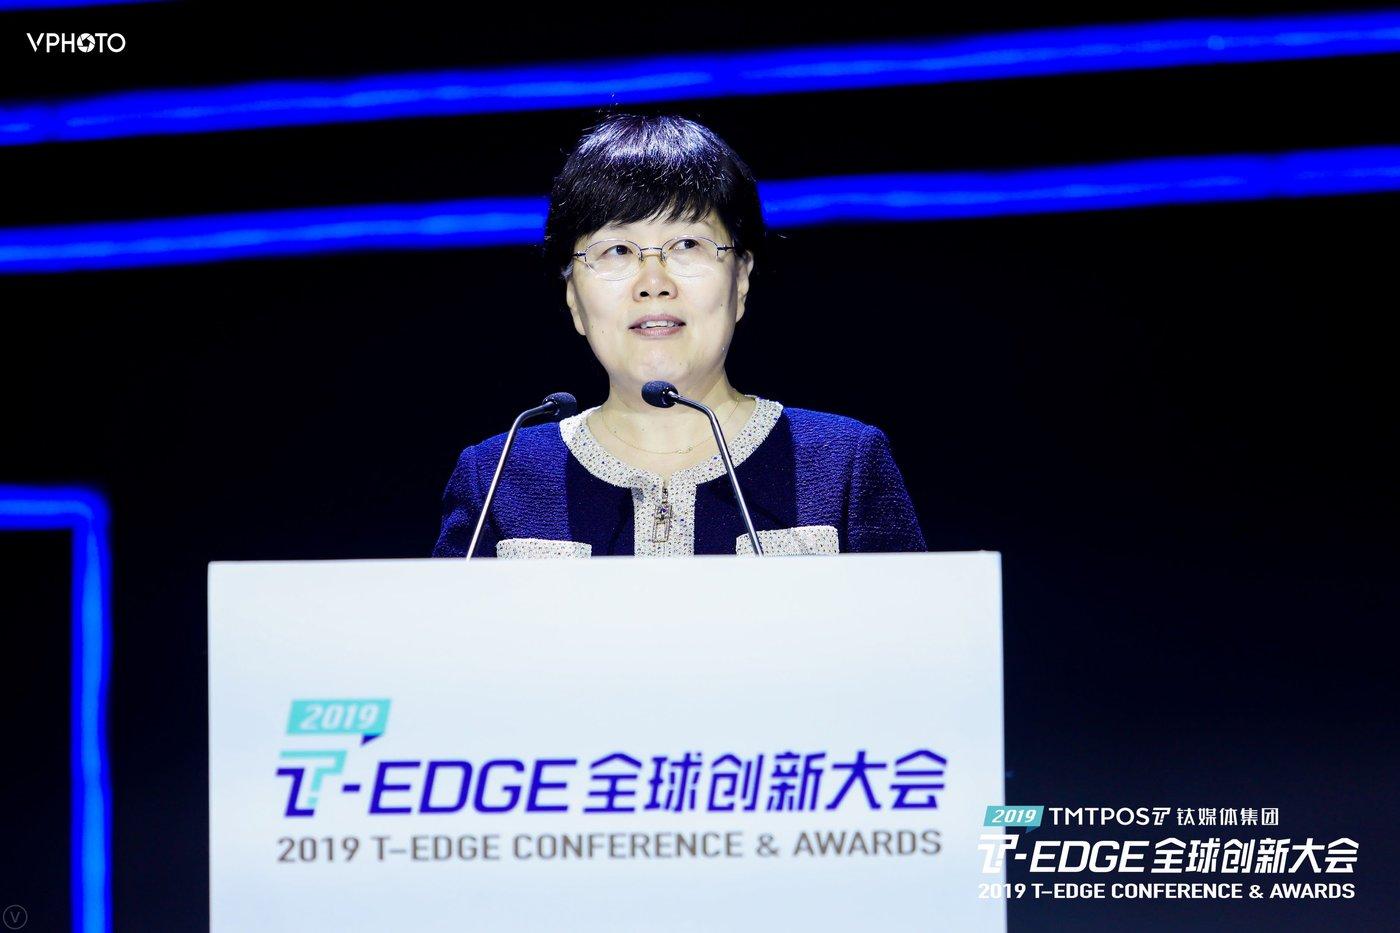 北京市人民政府副秘书长杨秀玲